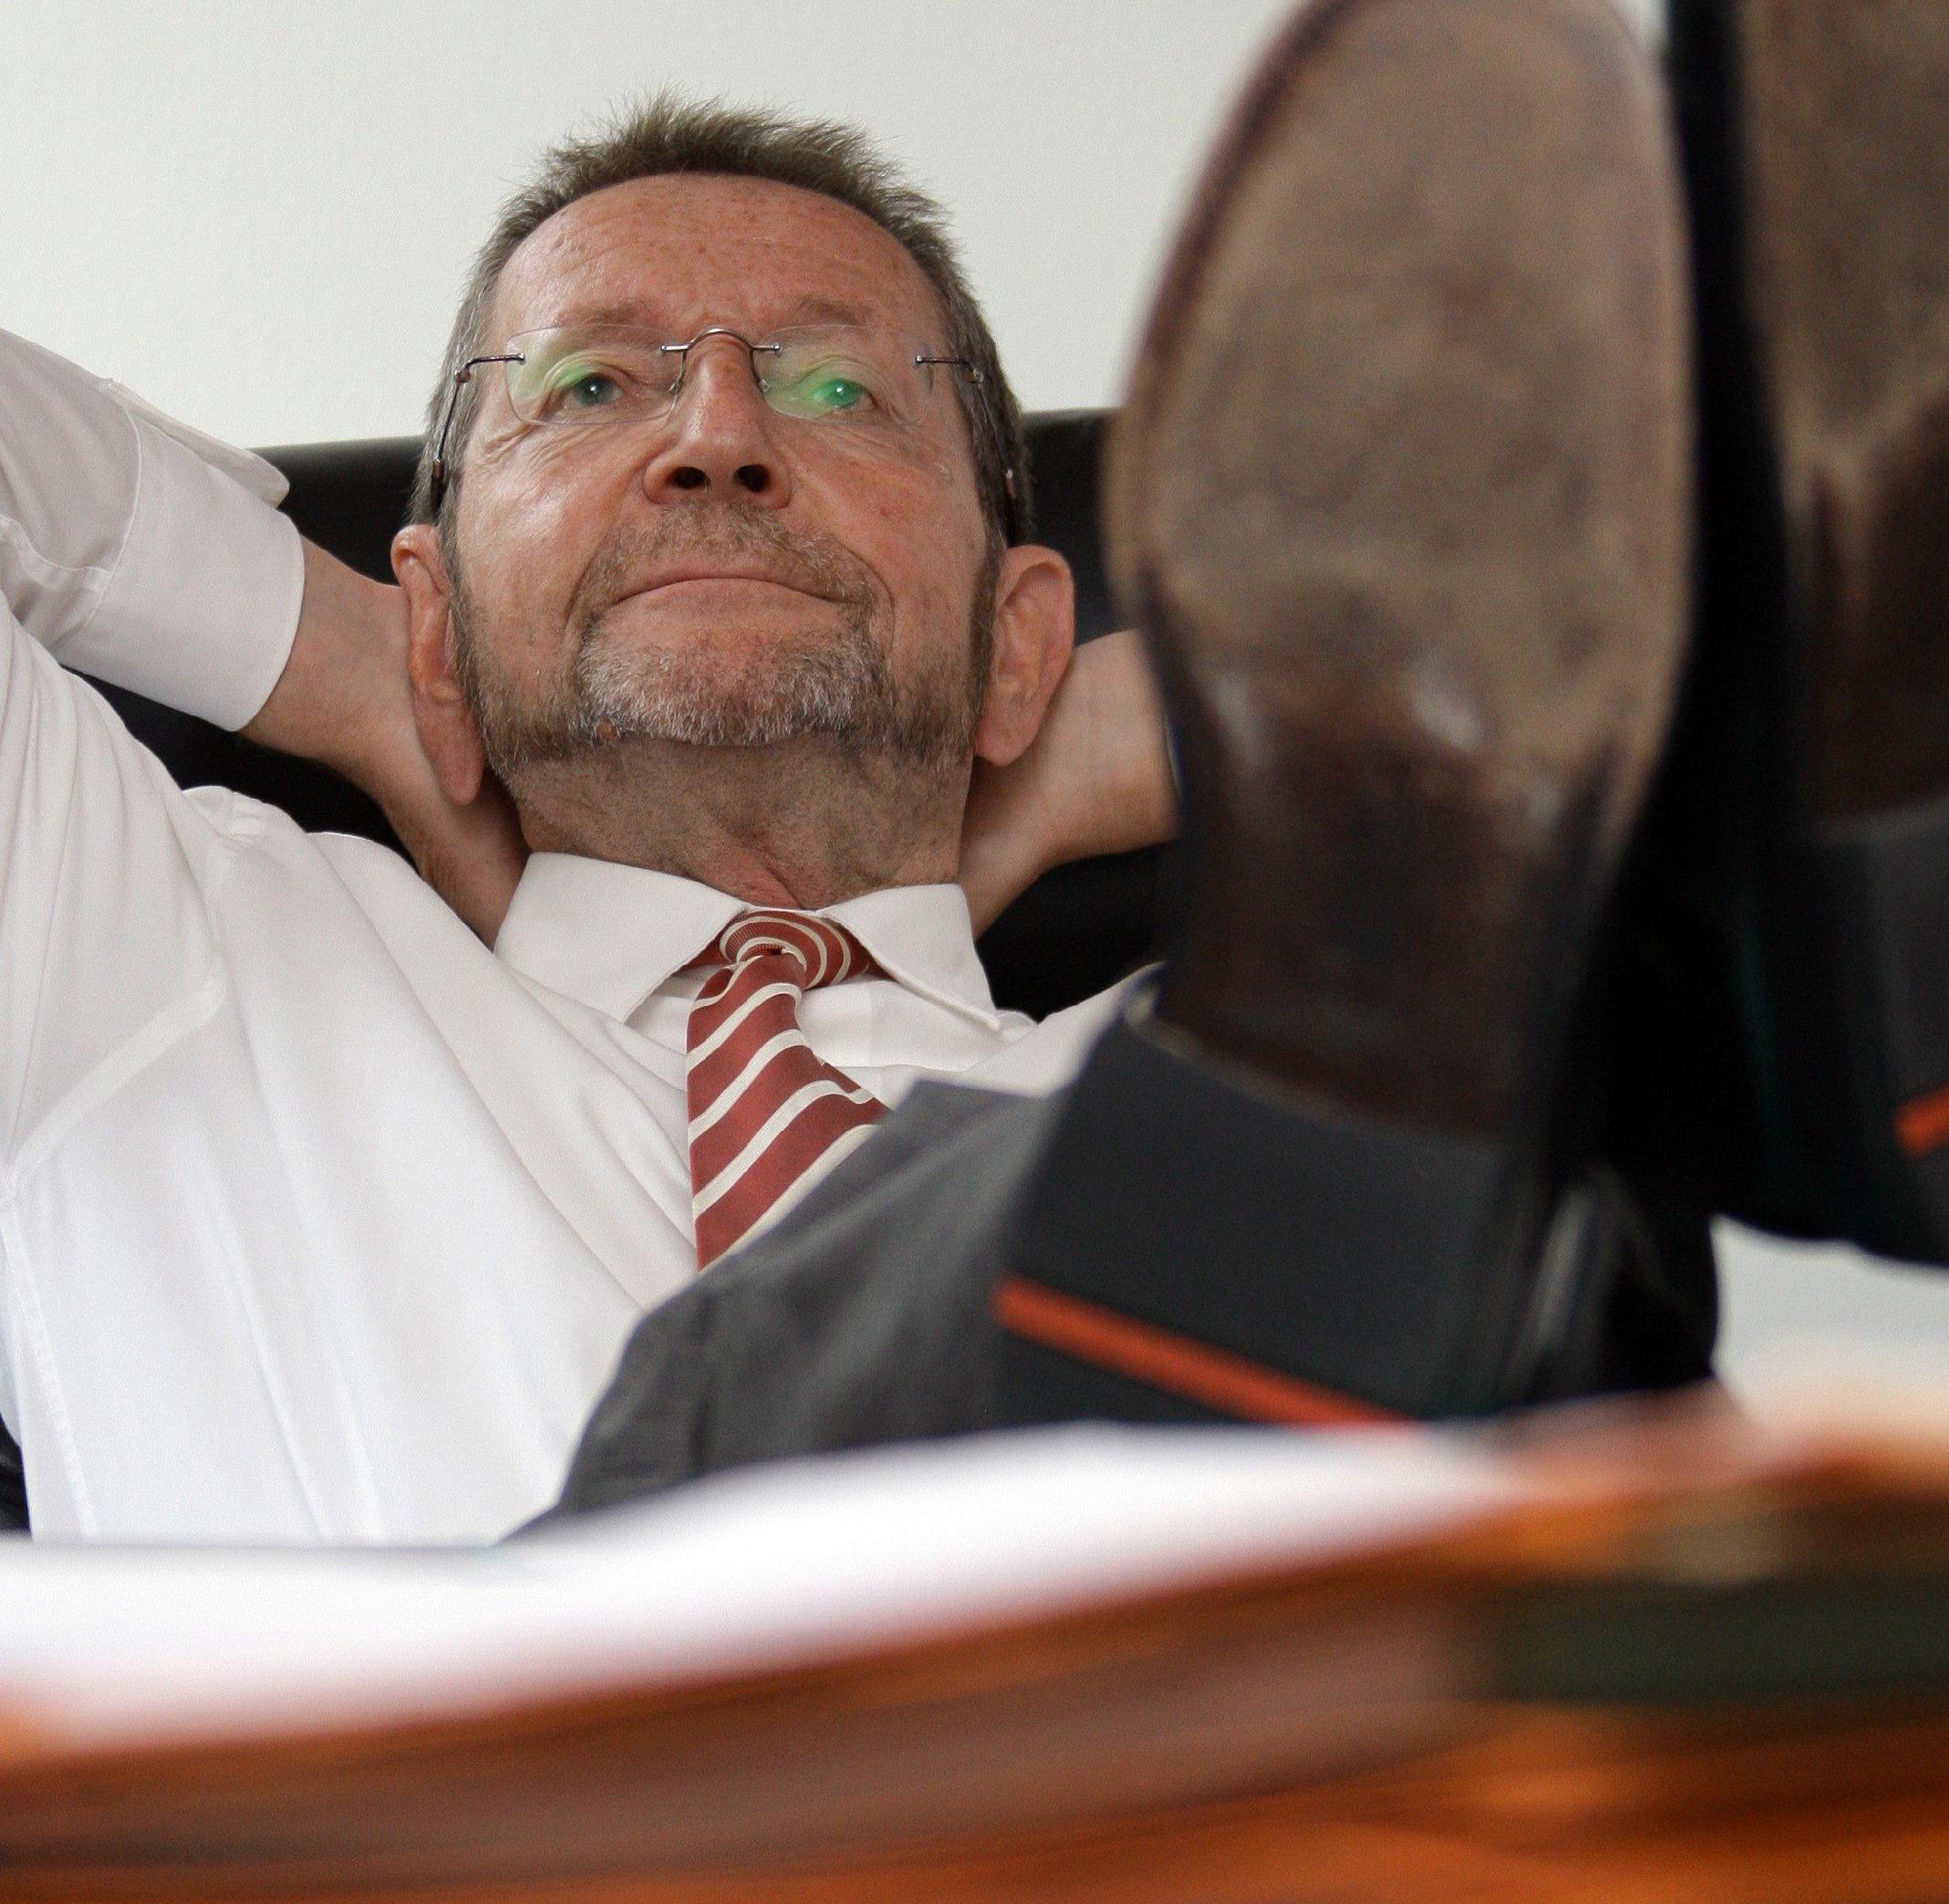 Der Bürgermeister von Peine, Michael Kessler, gönnt sich seit über 20 Jahren regelmäßig zur Mittagszeit ein Nickerchen.